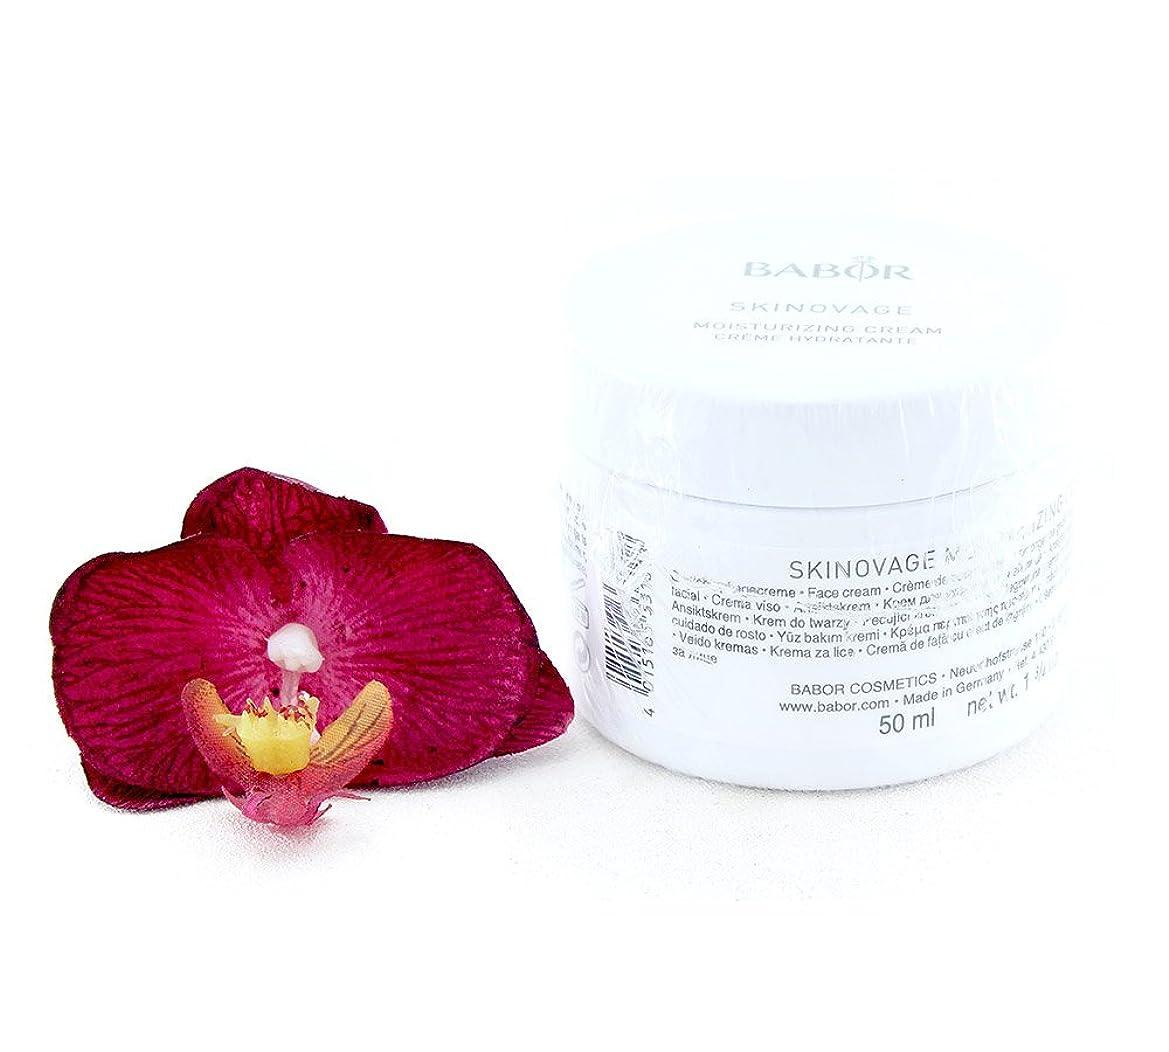 シャープ粘土乏しいバボール Skinovage Moisturizing Cream (Salon Product) 50ml/1.7oz並行輸入品